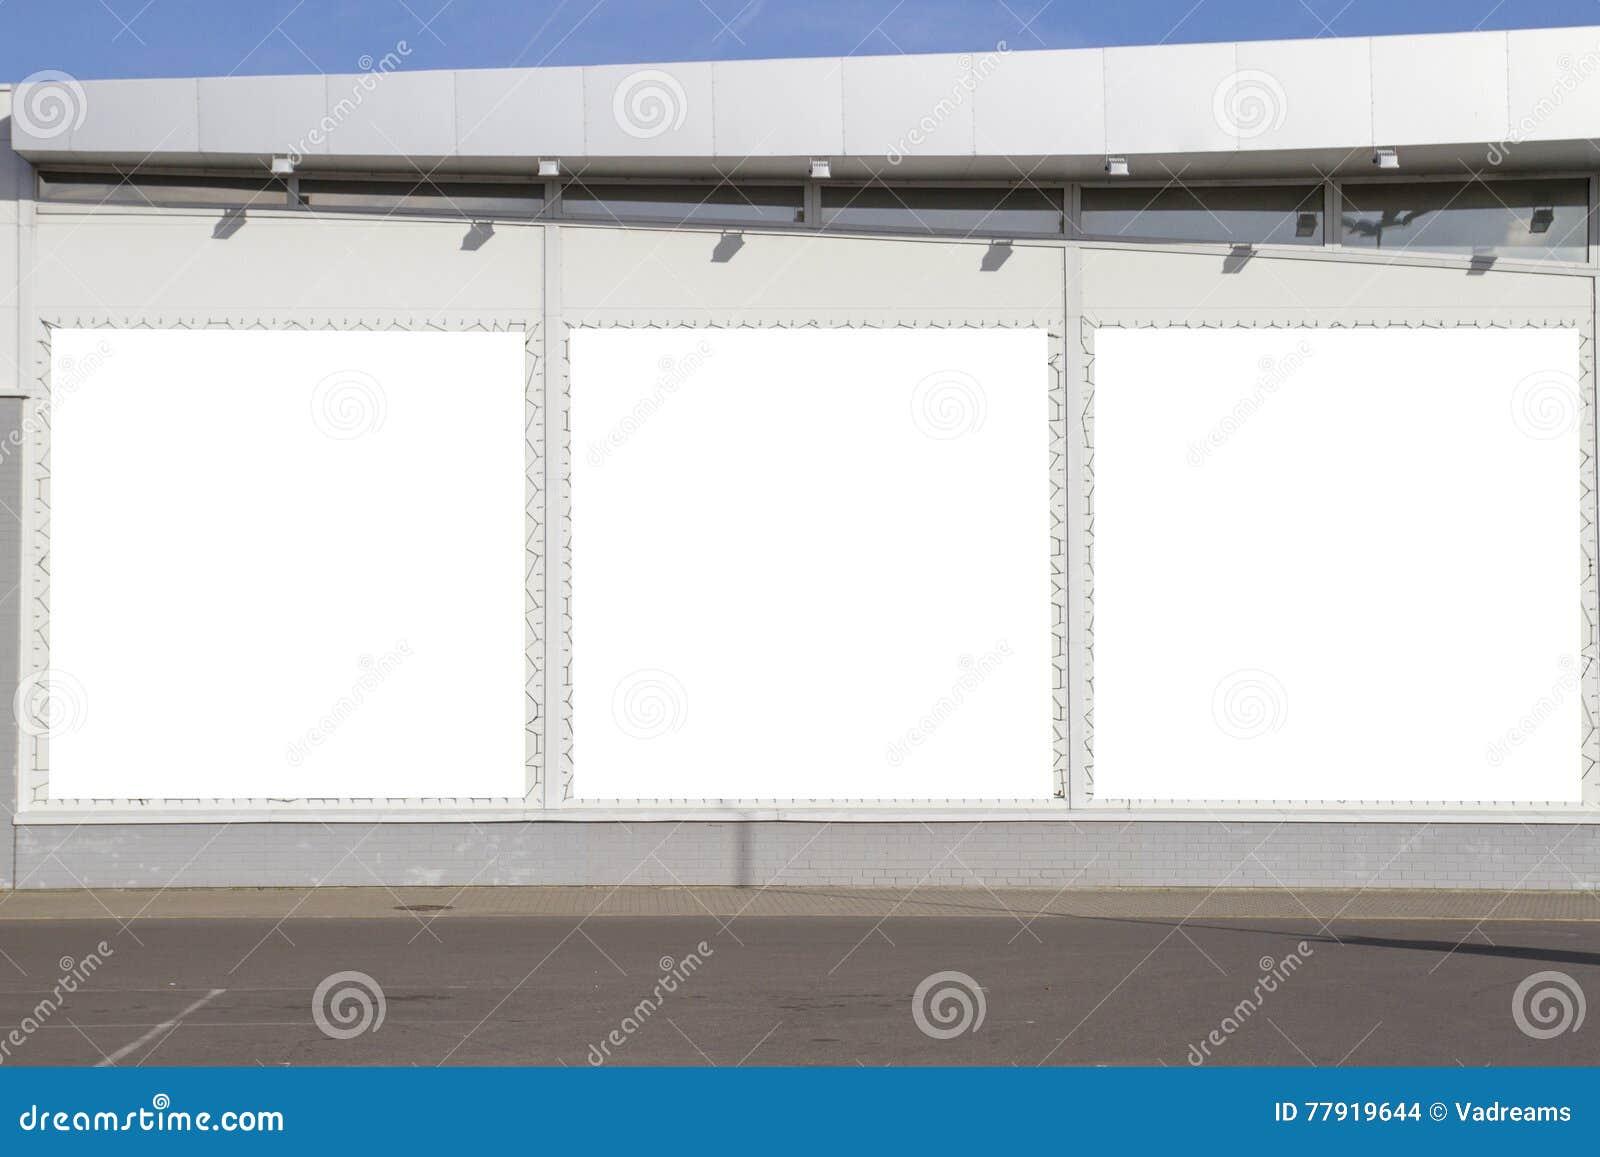 嘲笑 户外户外广告、空白的广告牌在商店或超级市场墙壁